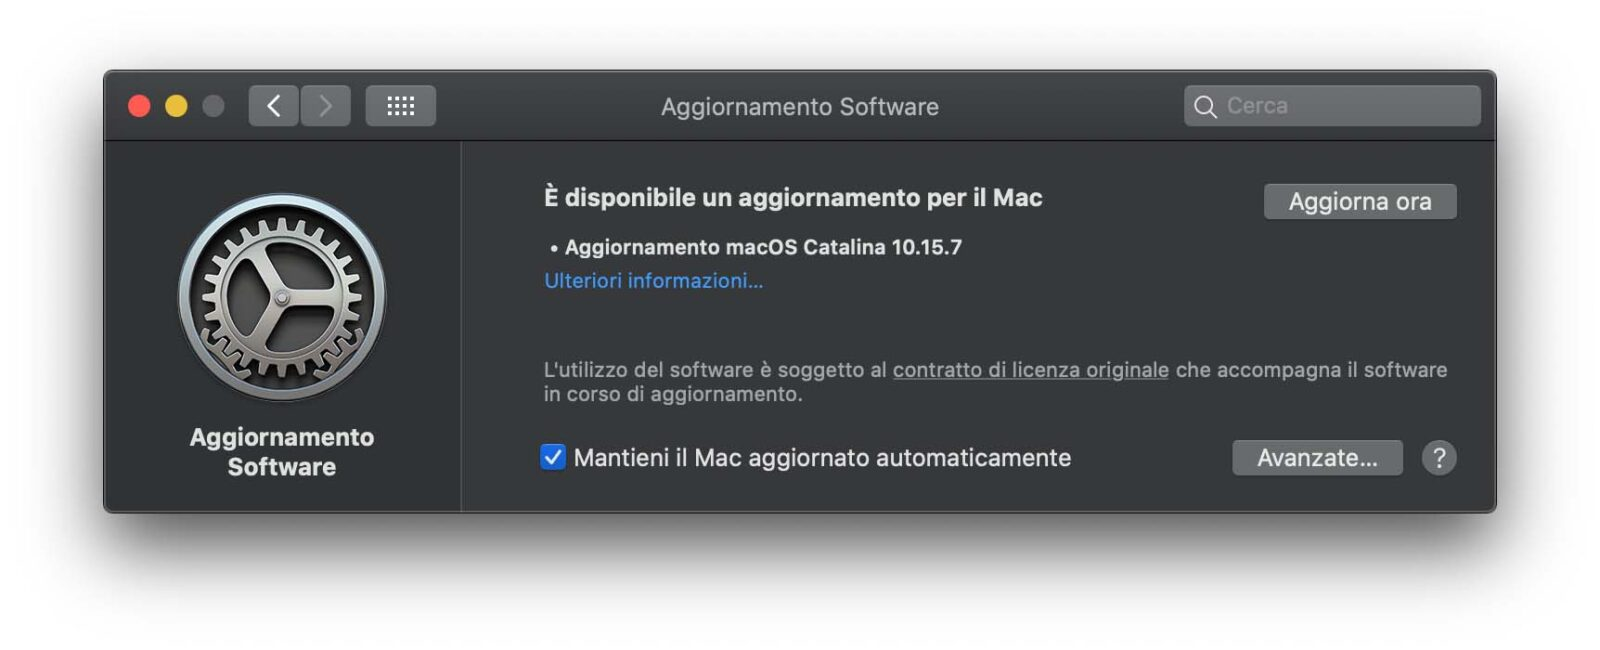 Disponibile update a macOS 10.15.7: risolto problema con scheda video iMac 27″